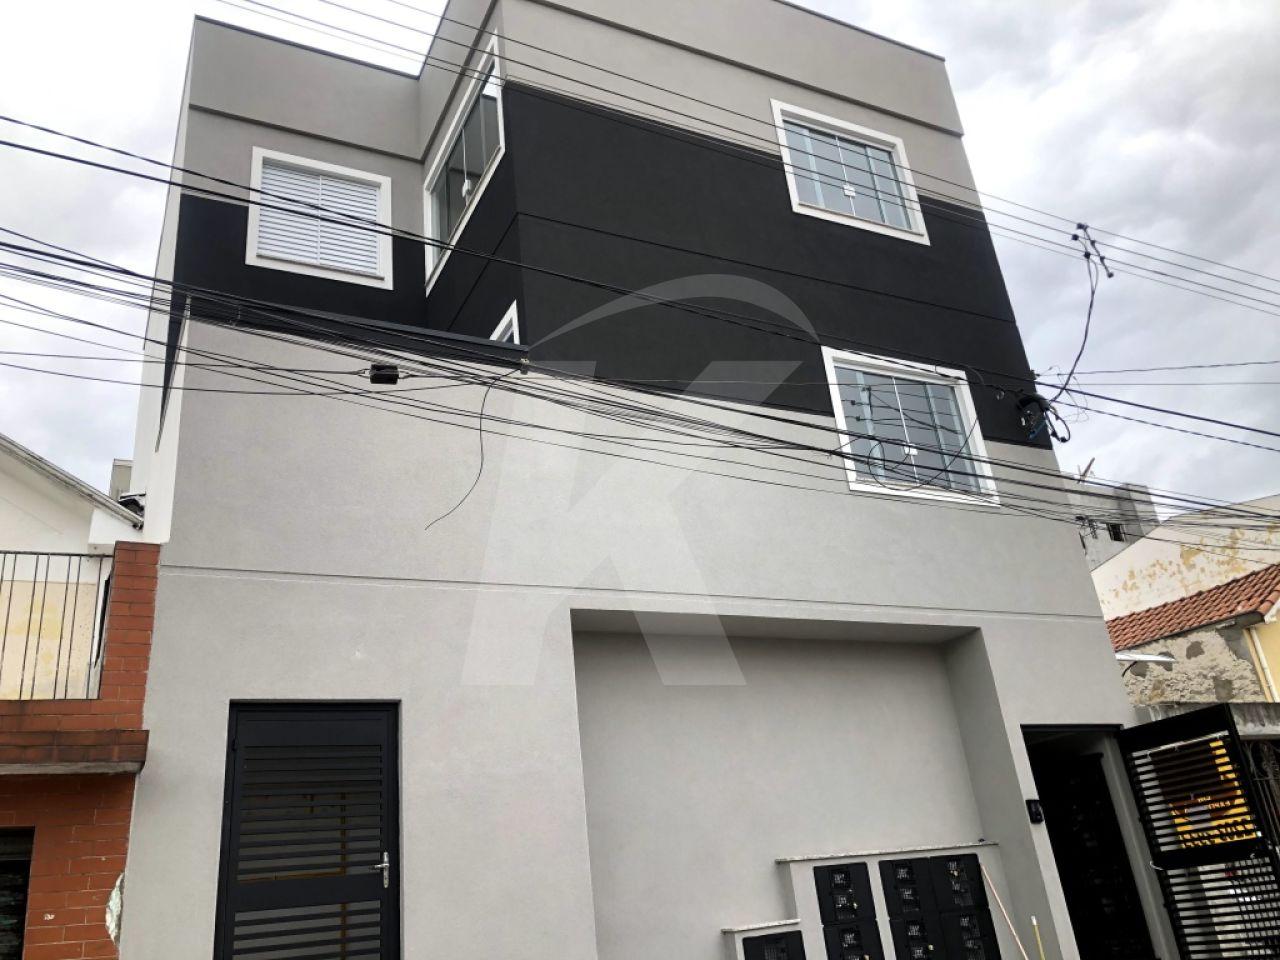 Comprar - Condomínio - Carandiru - 1 dormitórios.